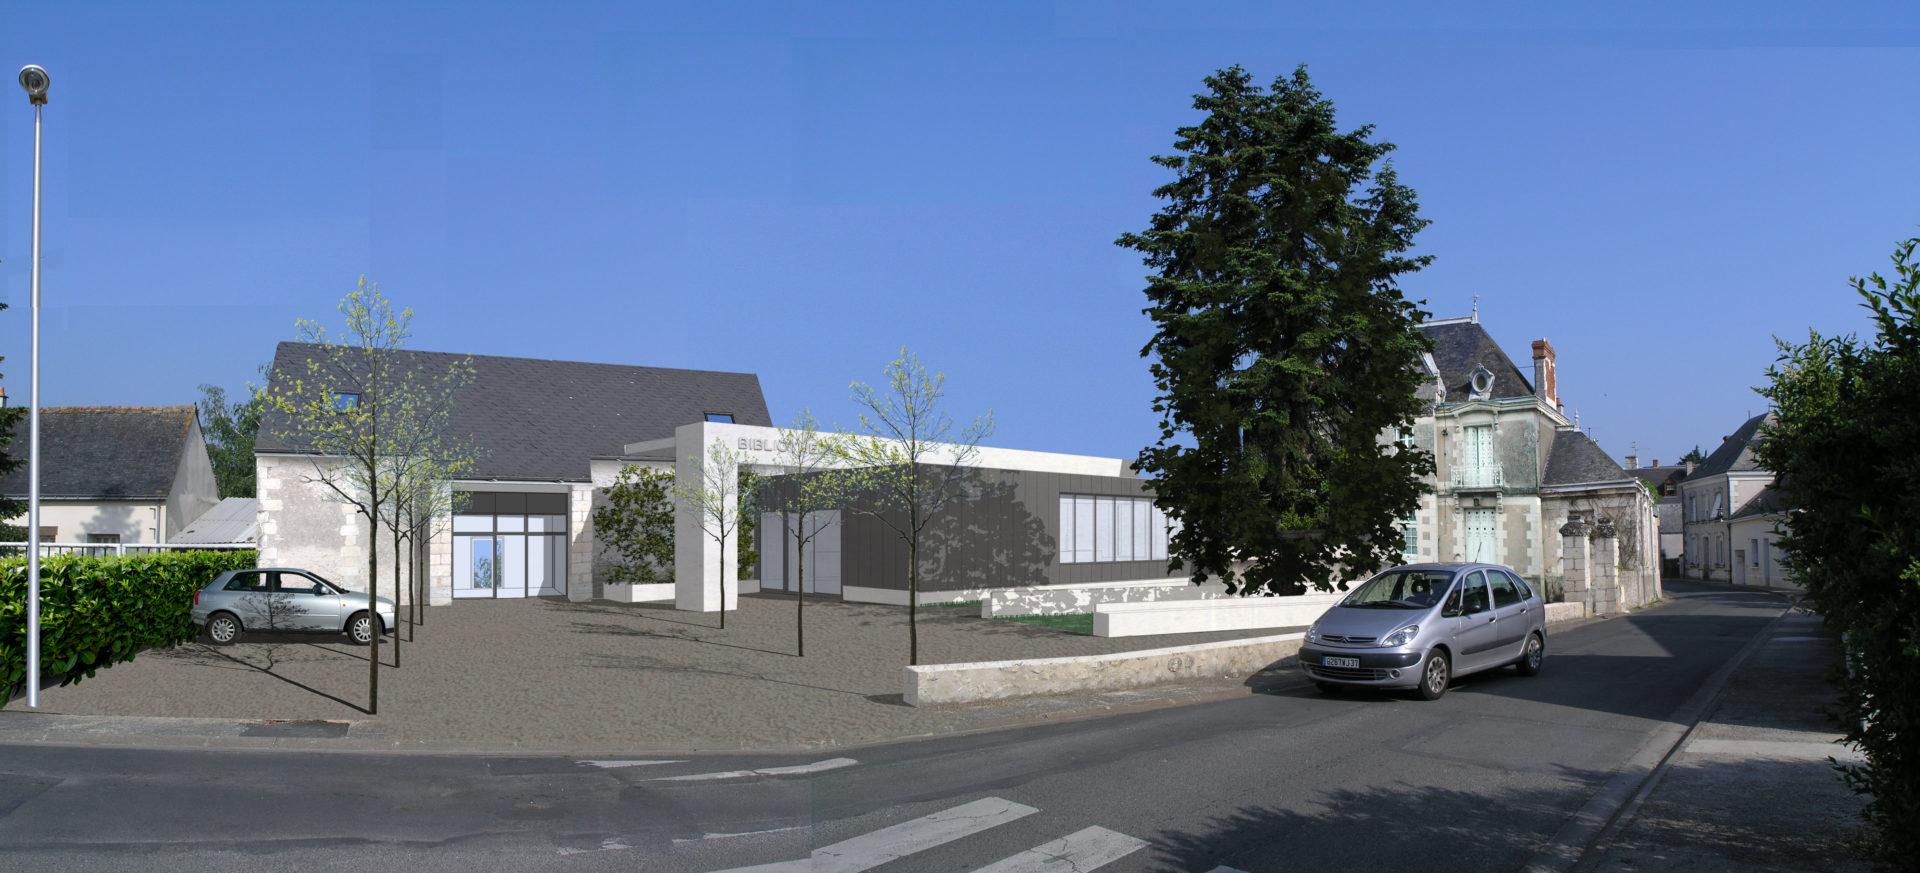 Médiathèque | Sorigny | Commune de Sorigny